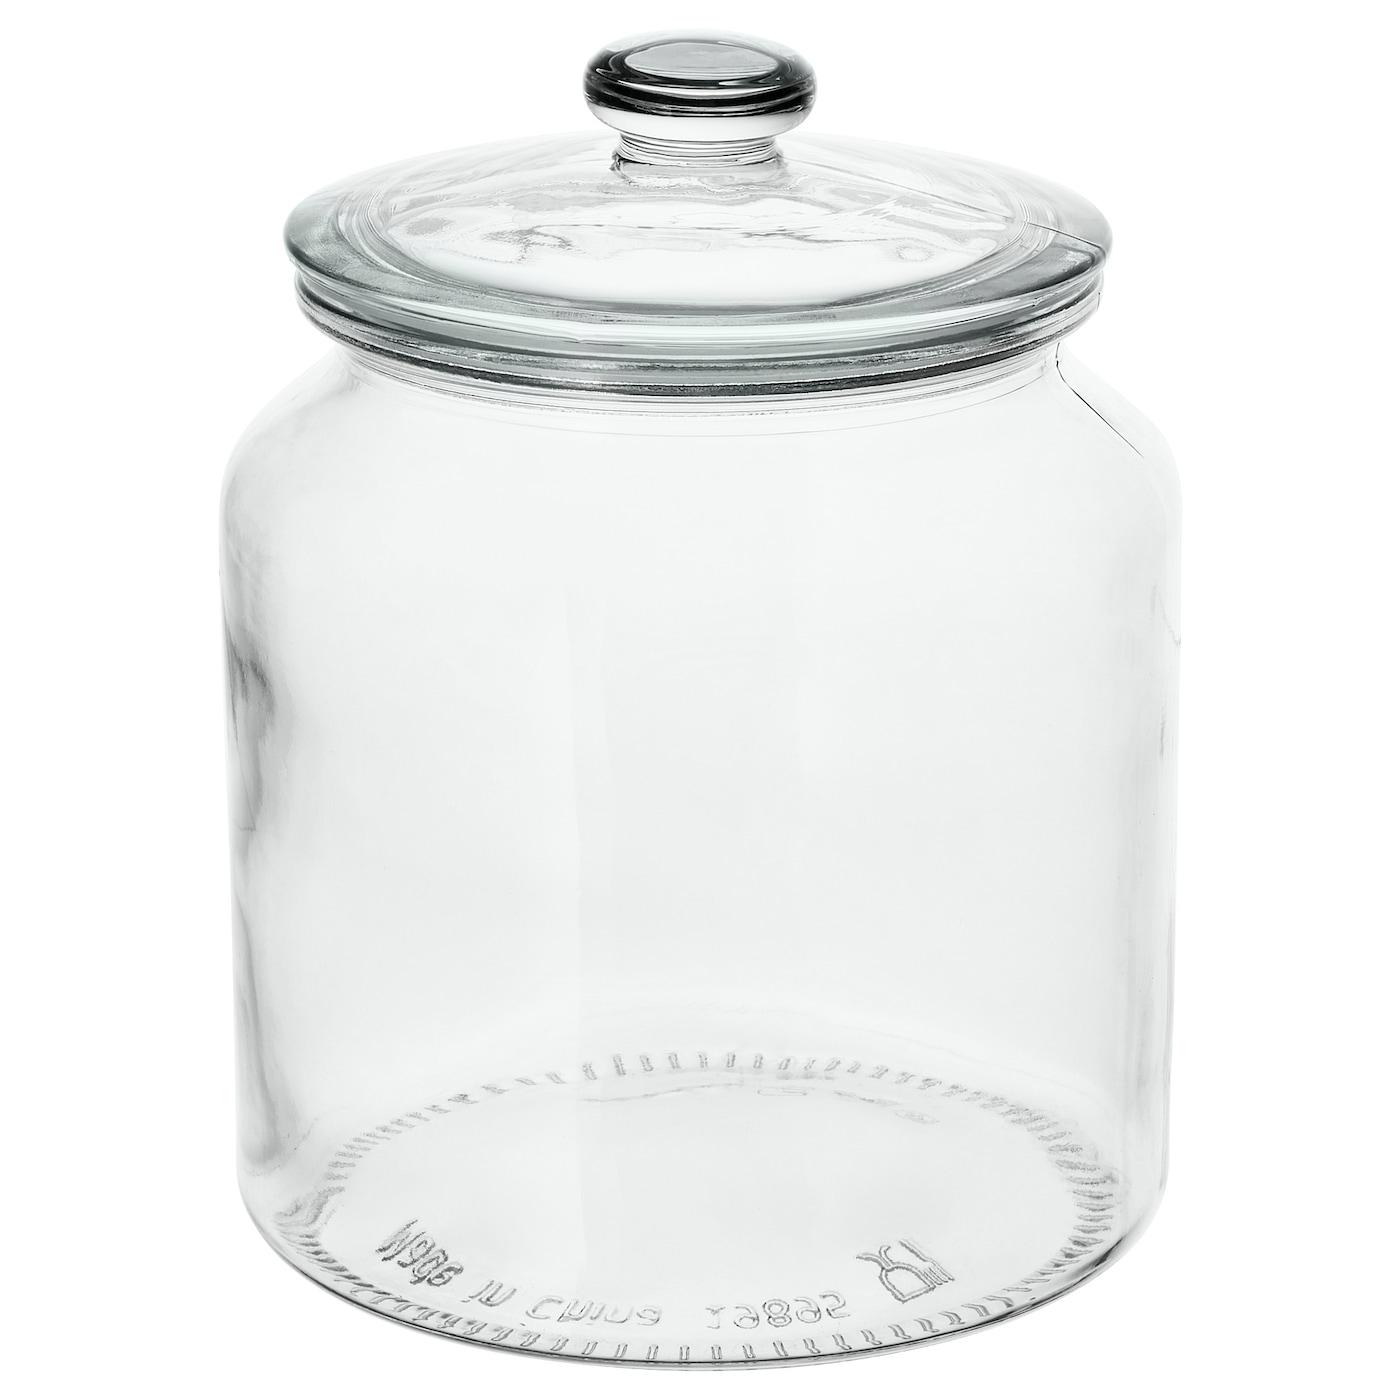 Vorratsglas Glasdose Vorratsdose Vorratsgefäße Kaffeedose Vorratsbehälter Dose